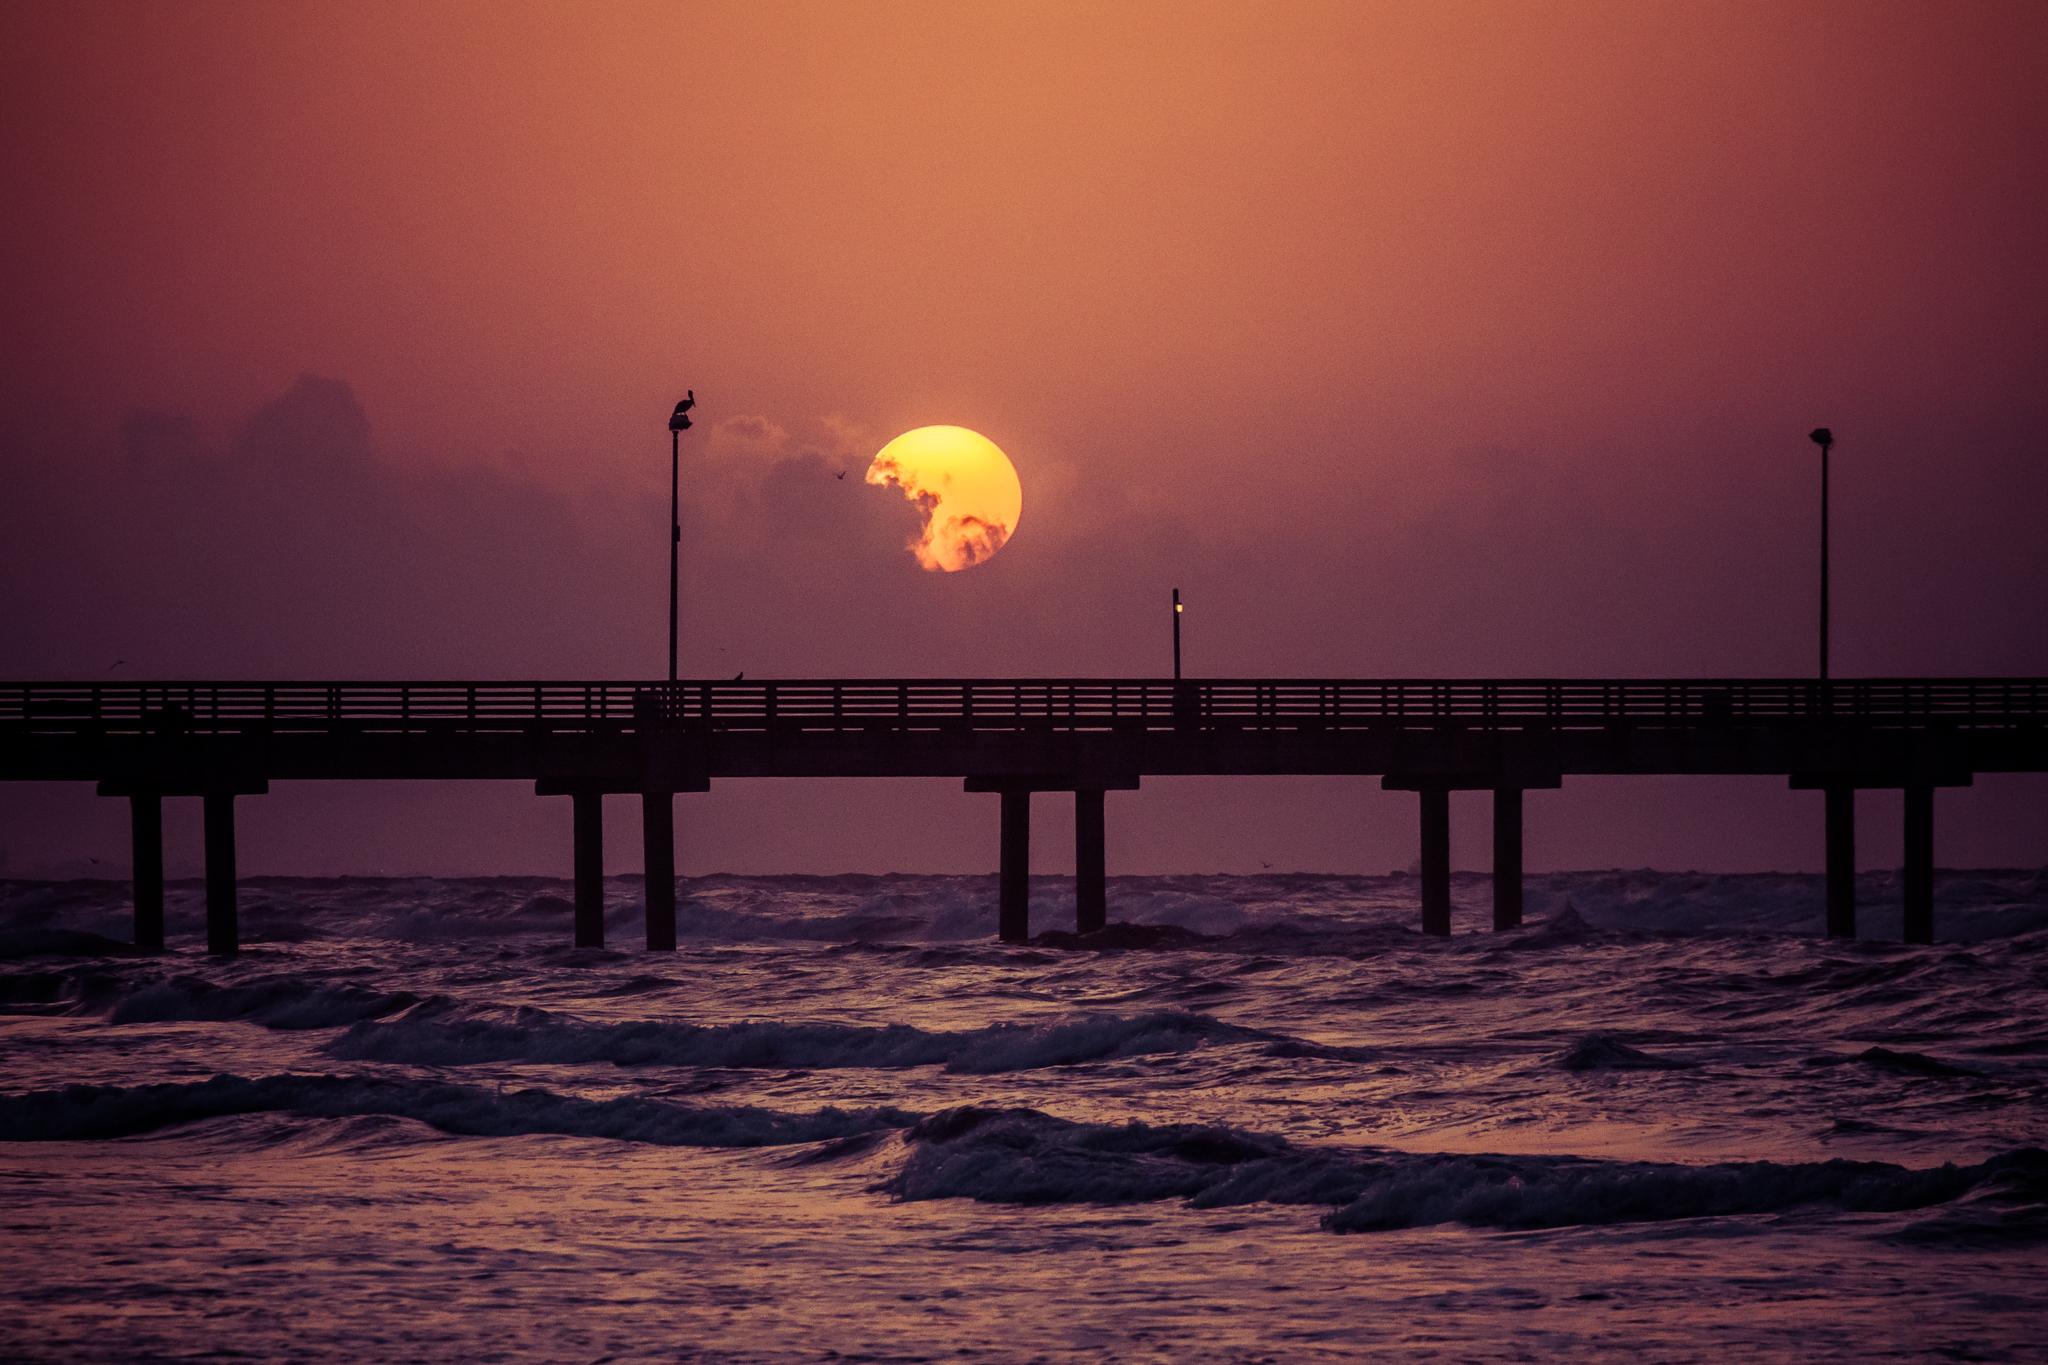 Sun Sky Orange Color Purple Pier Ocean Sea 2048x1365